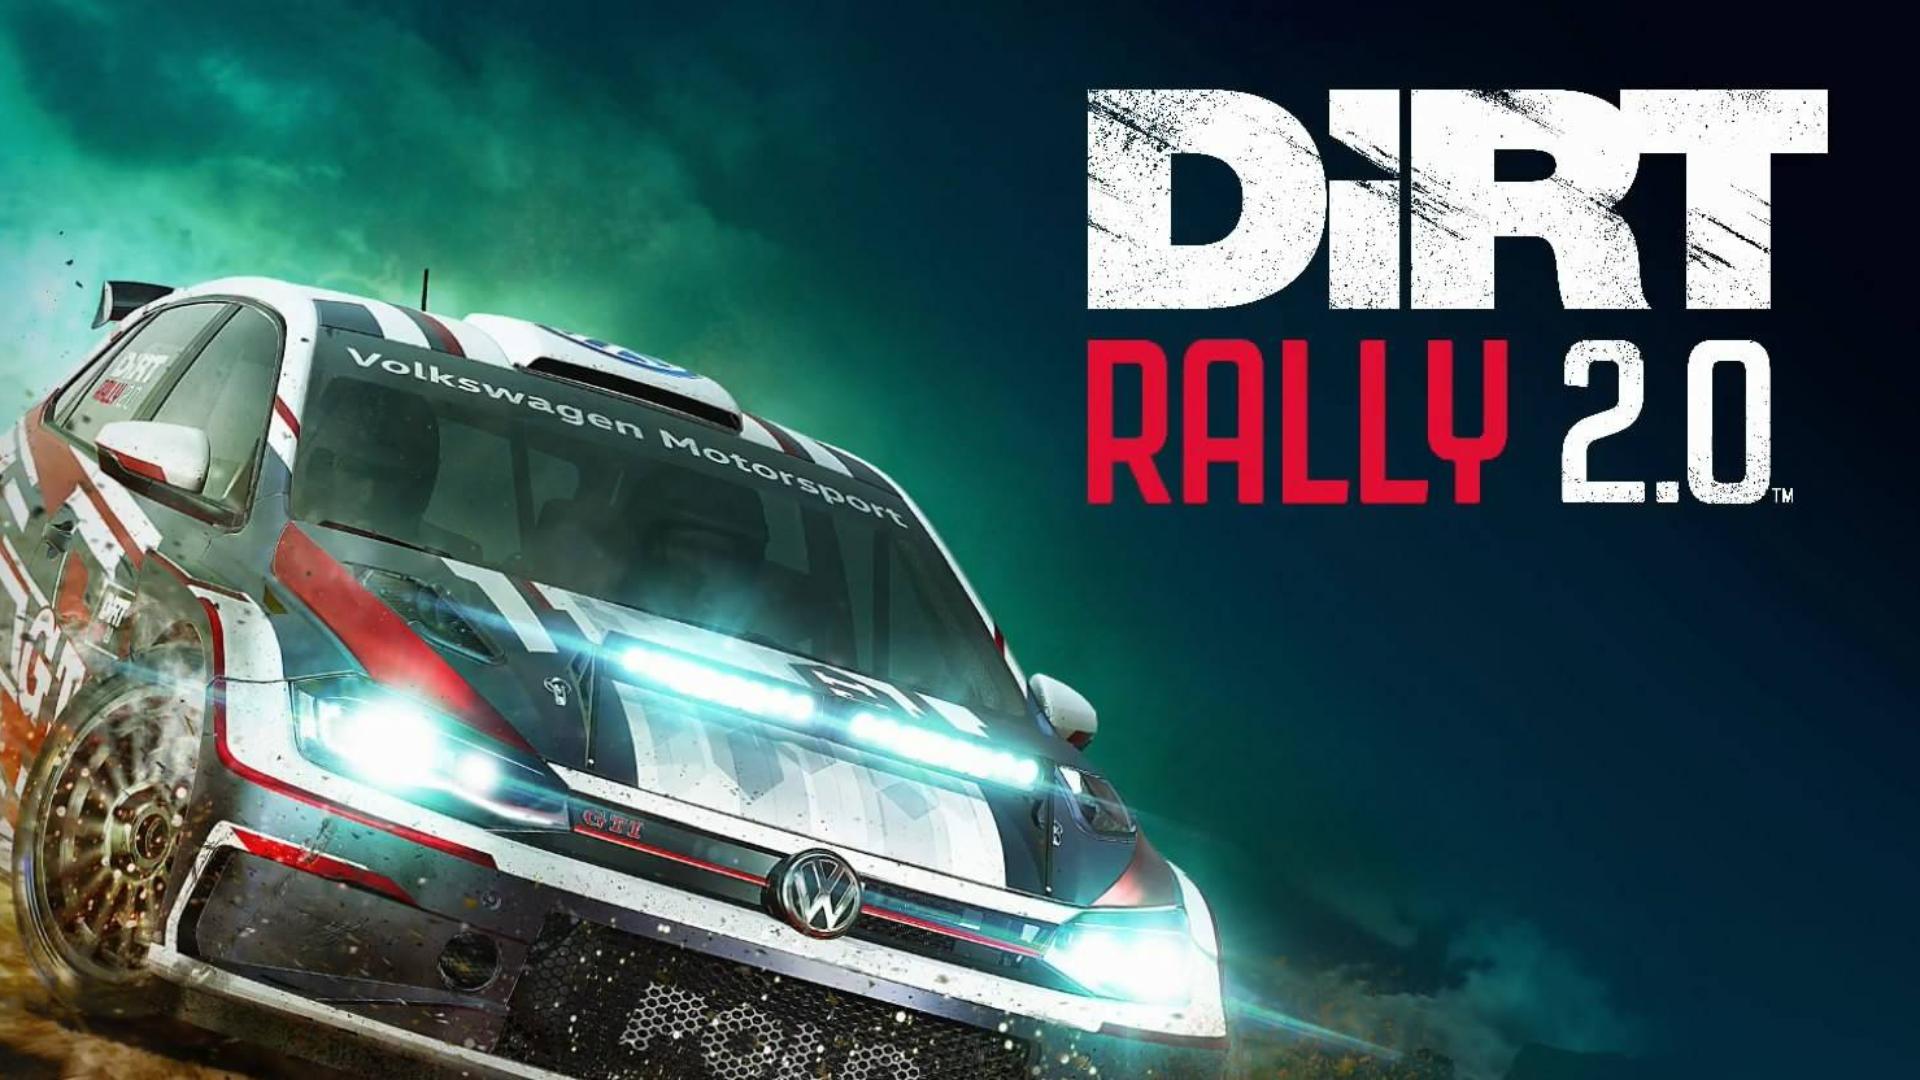 【不会开车】Dirt Rally 2.0 尘埃拉力赛2.0 随便玩玩